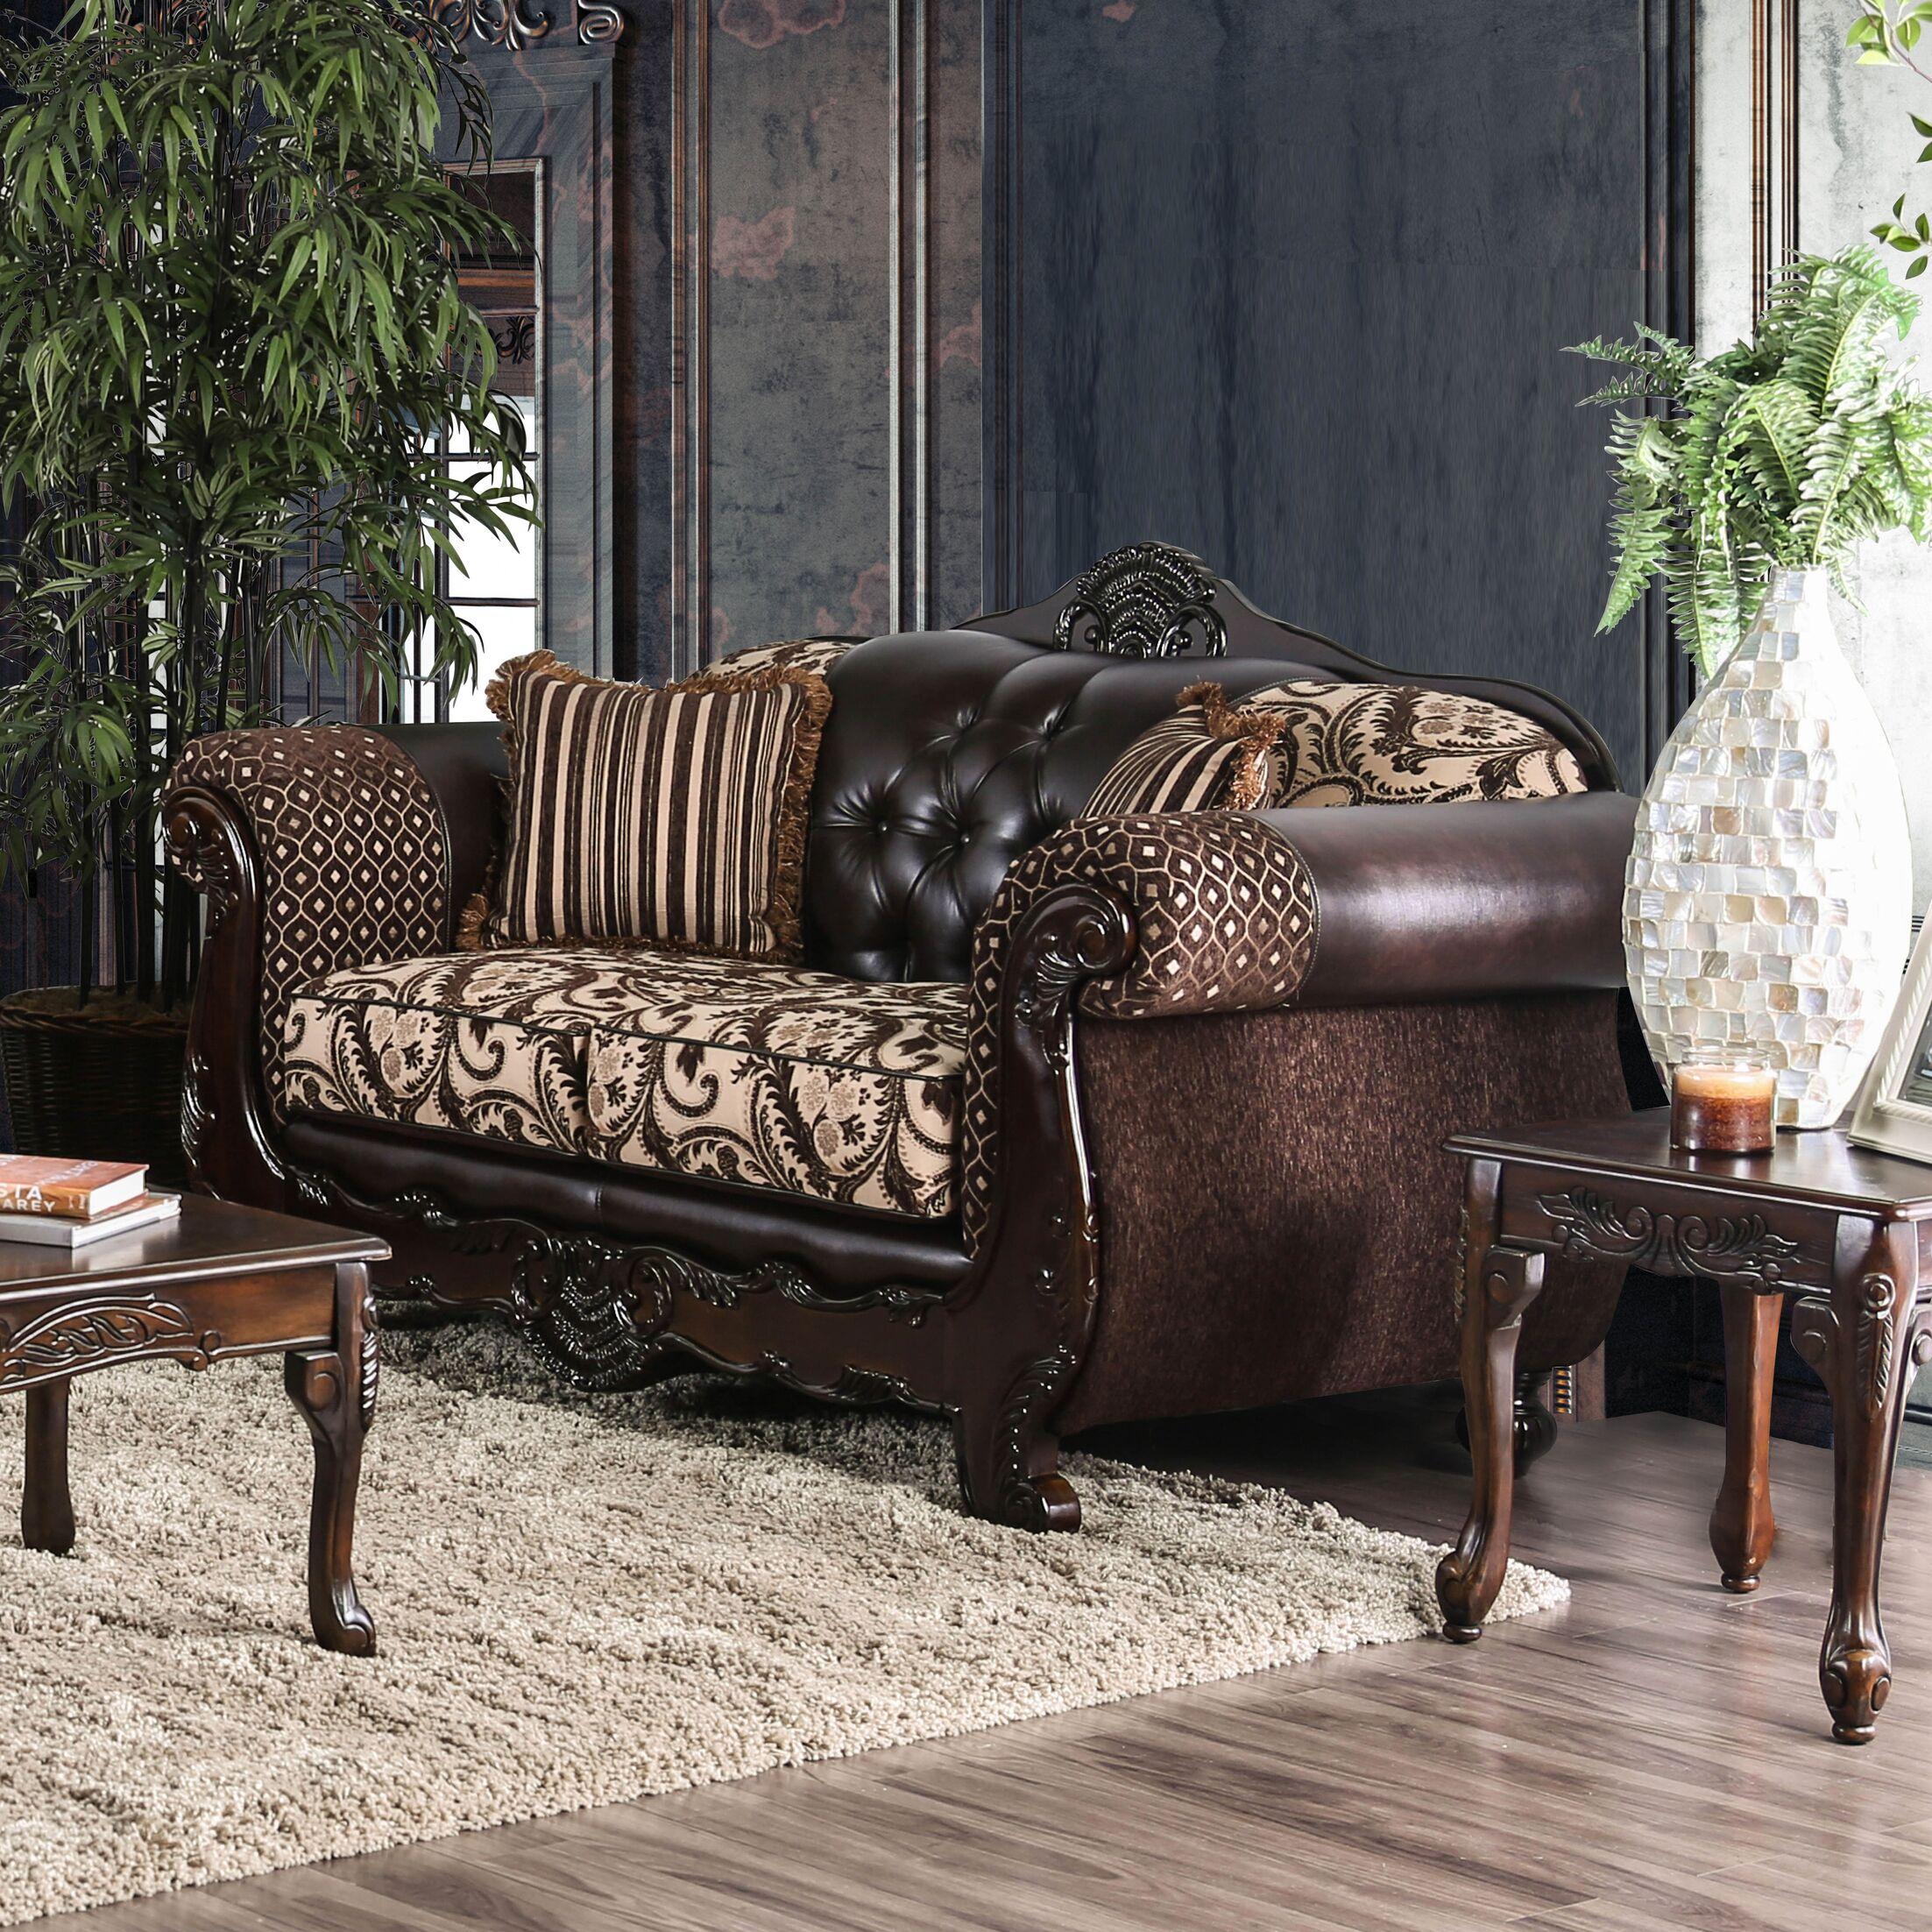 Riddles Loveseat Upholstery: Light Brown